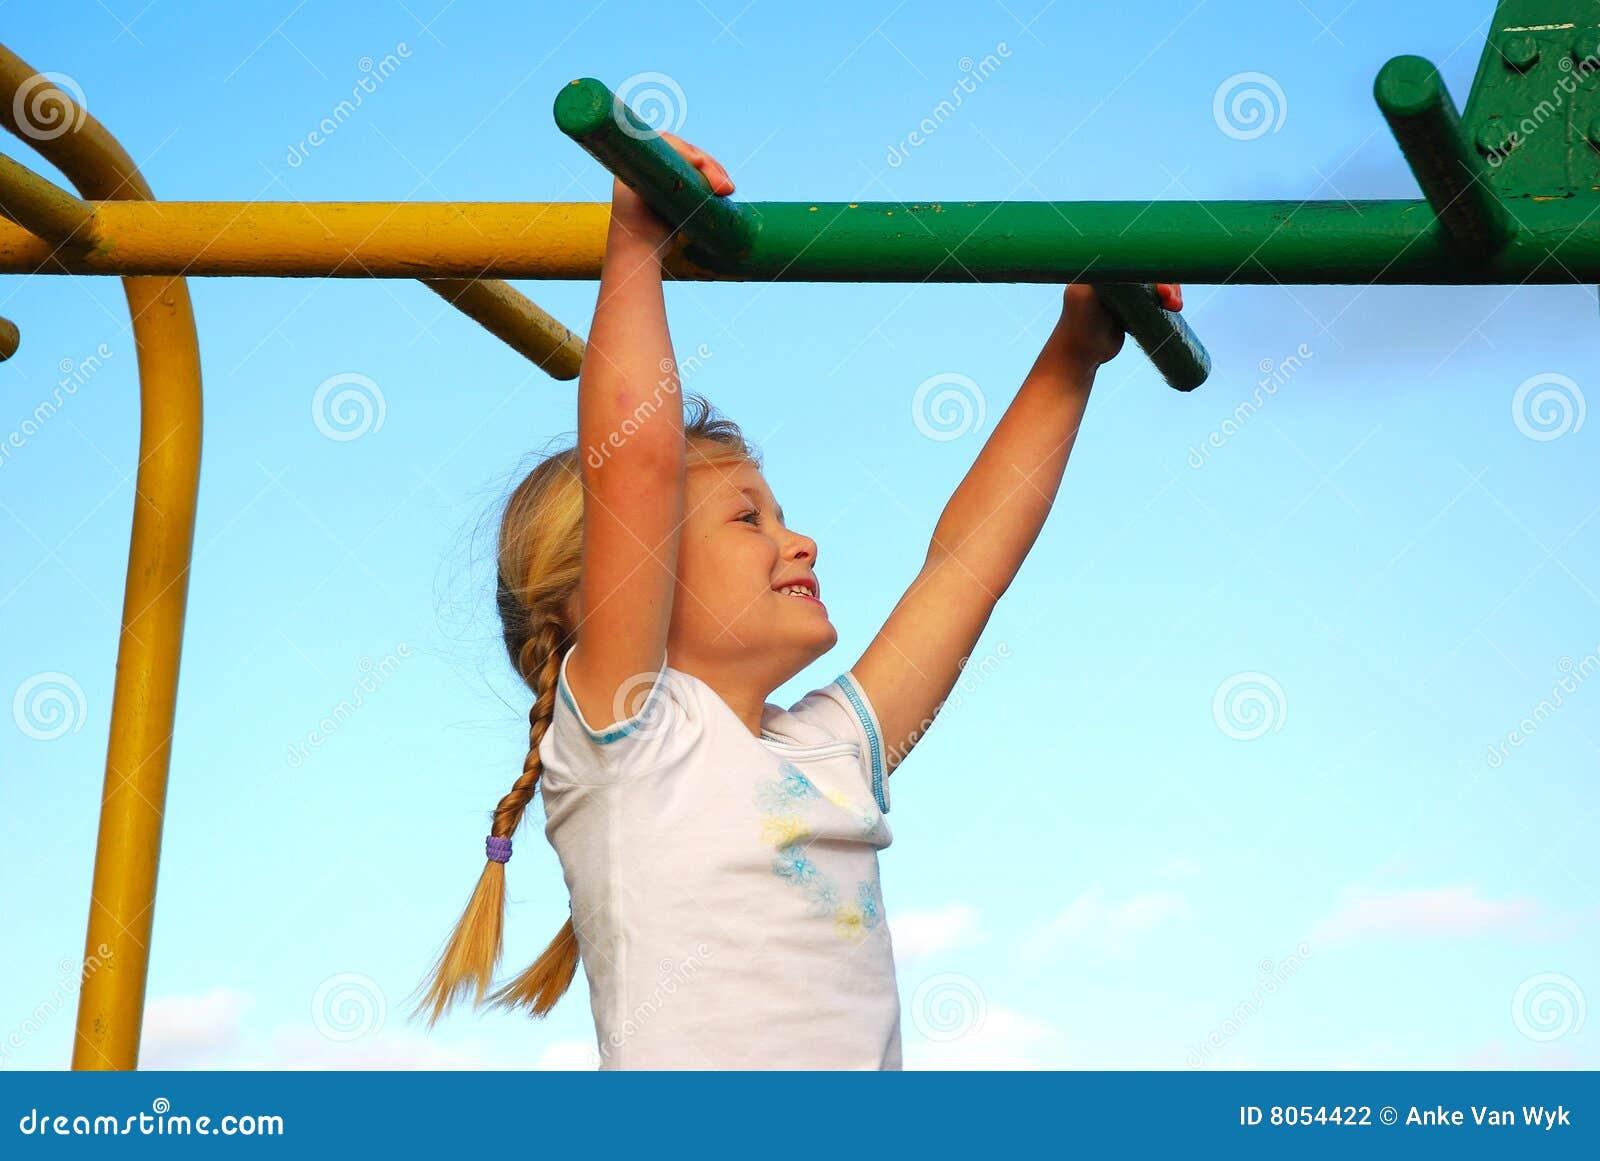 Child happy playground